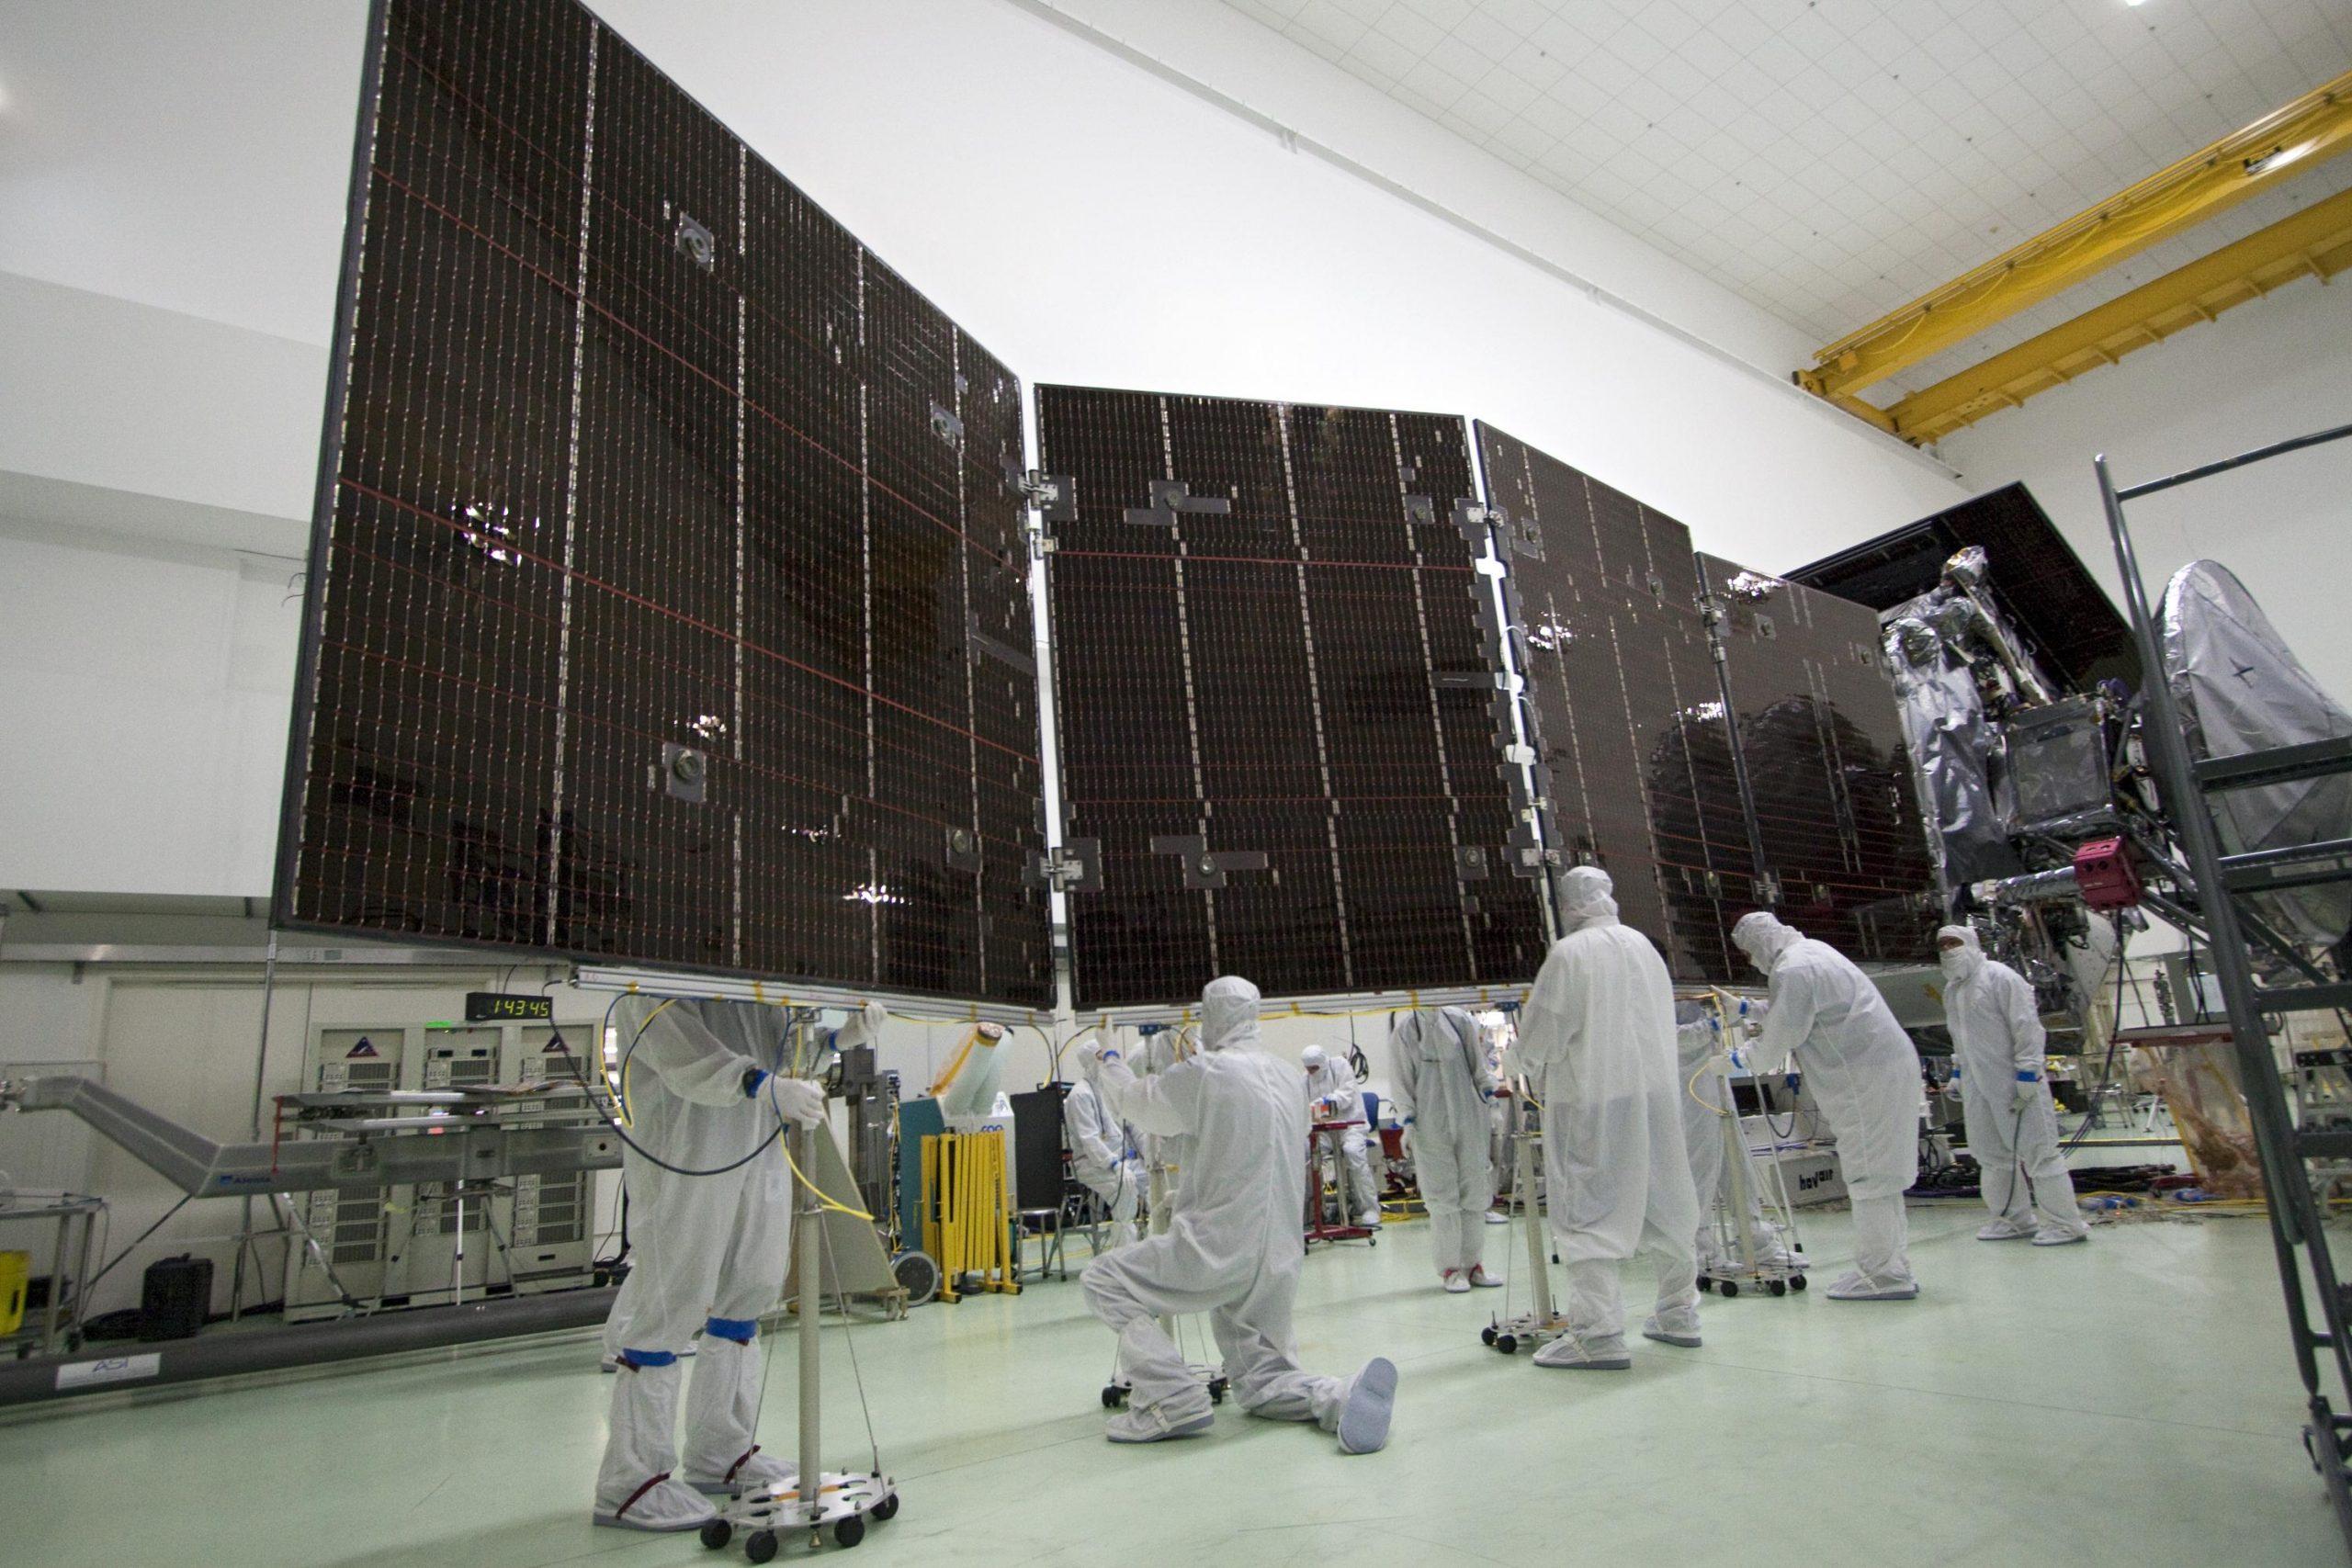 I pannelli solari della sonda Juno durante dei test a terra primo del lancio. Questa foto risale al 2011. Credits: NASA